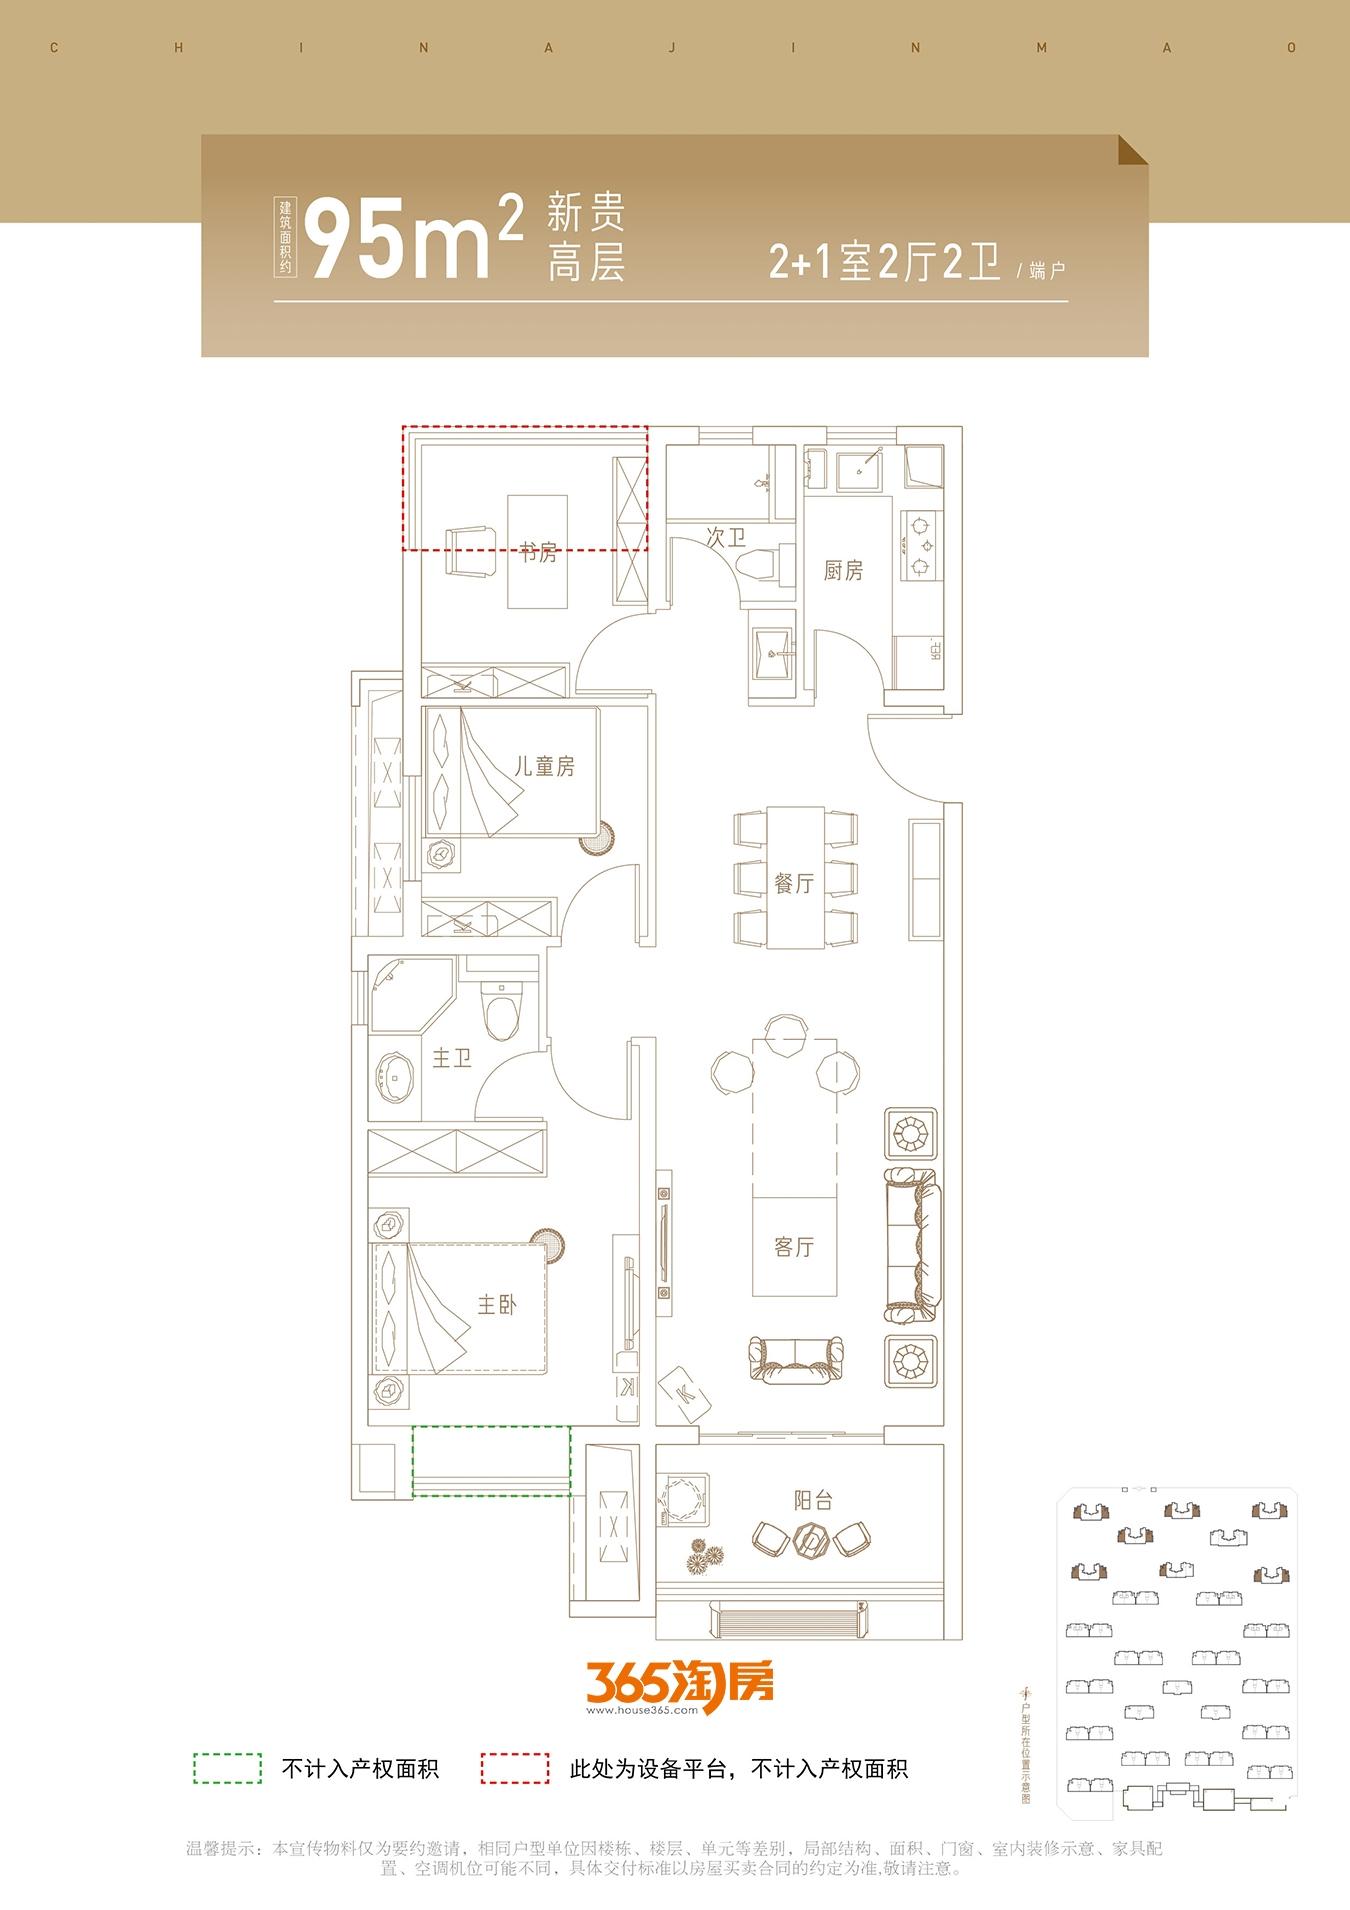 滨湖金茂悦95㎡边户户型图